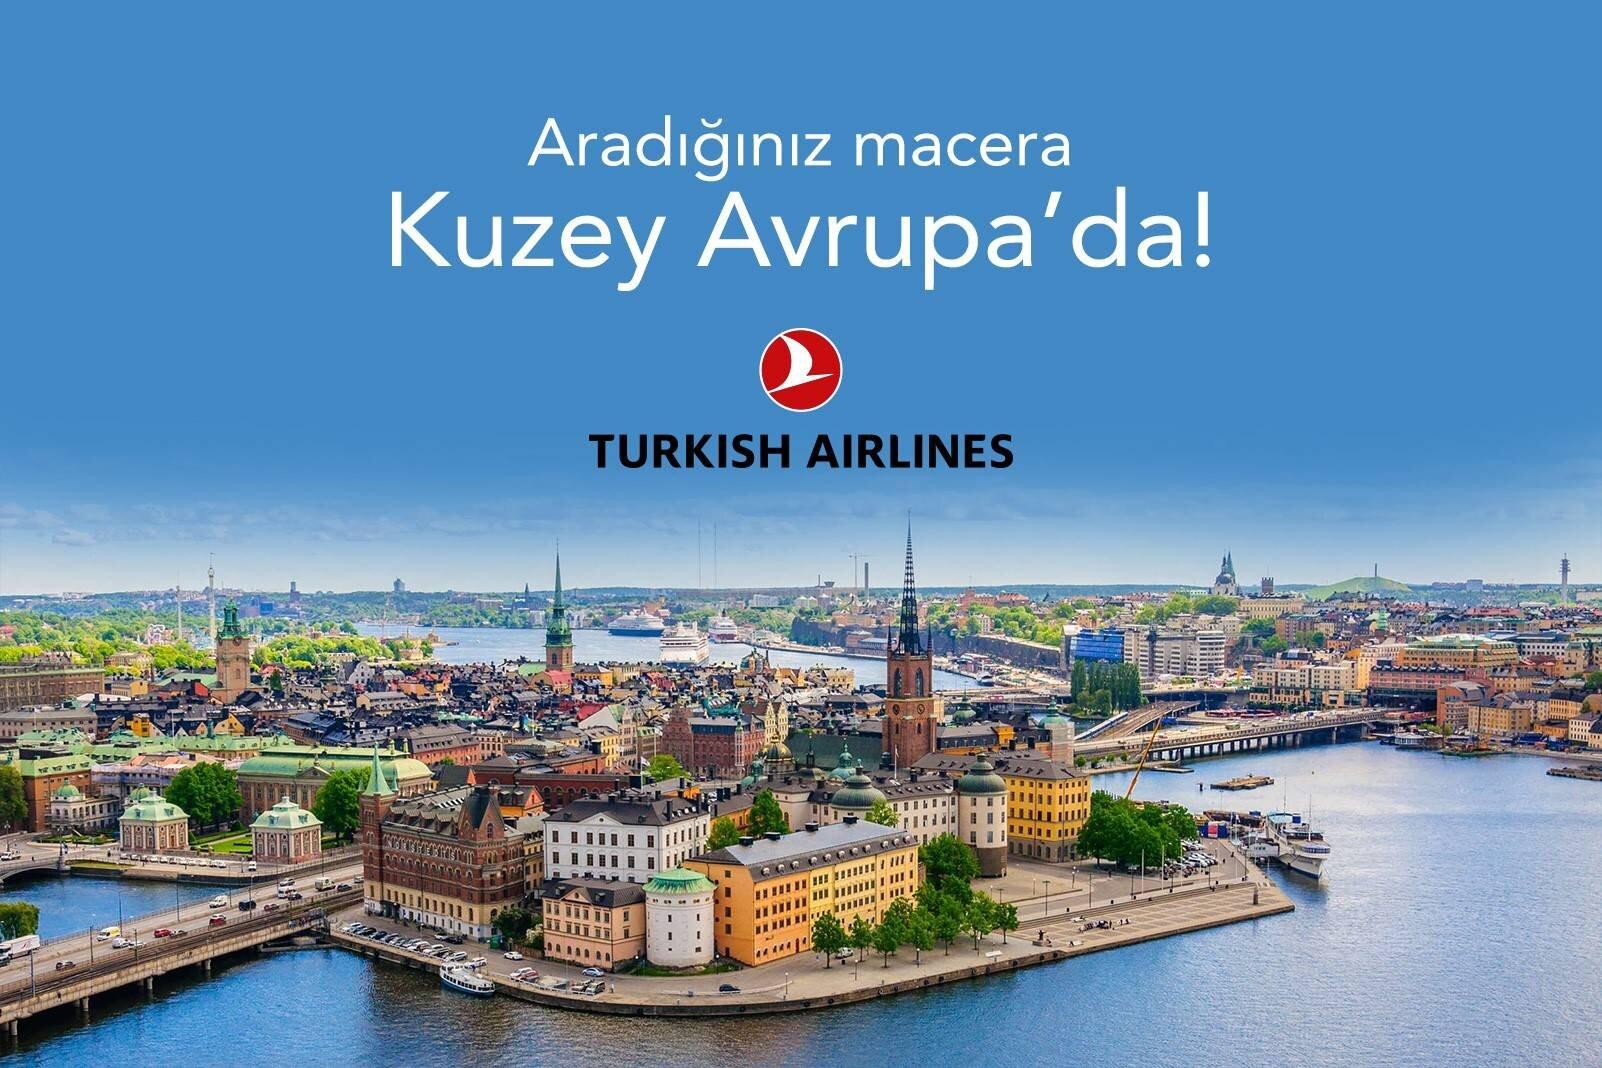 Aradığınız macera Kuzey Avrupa'da!